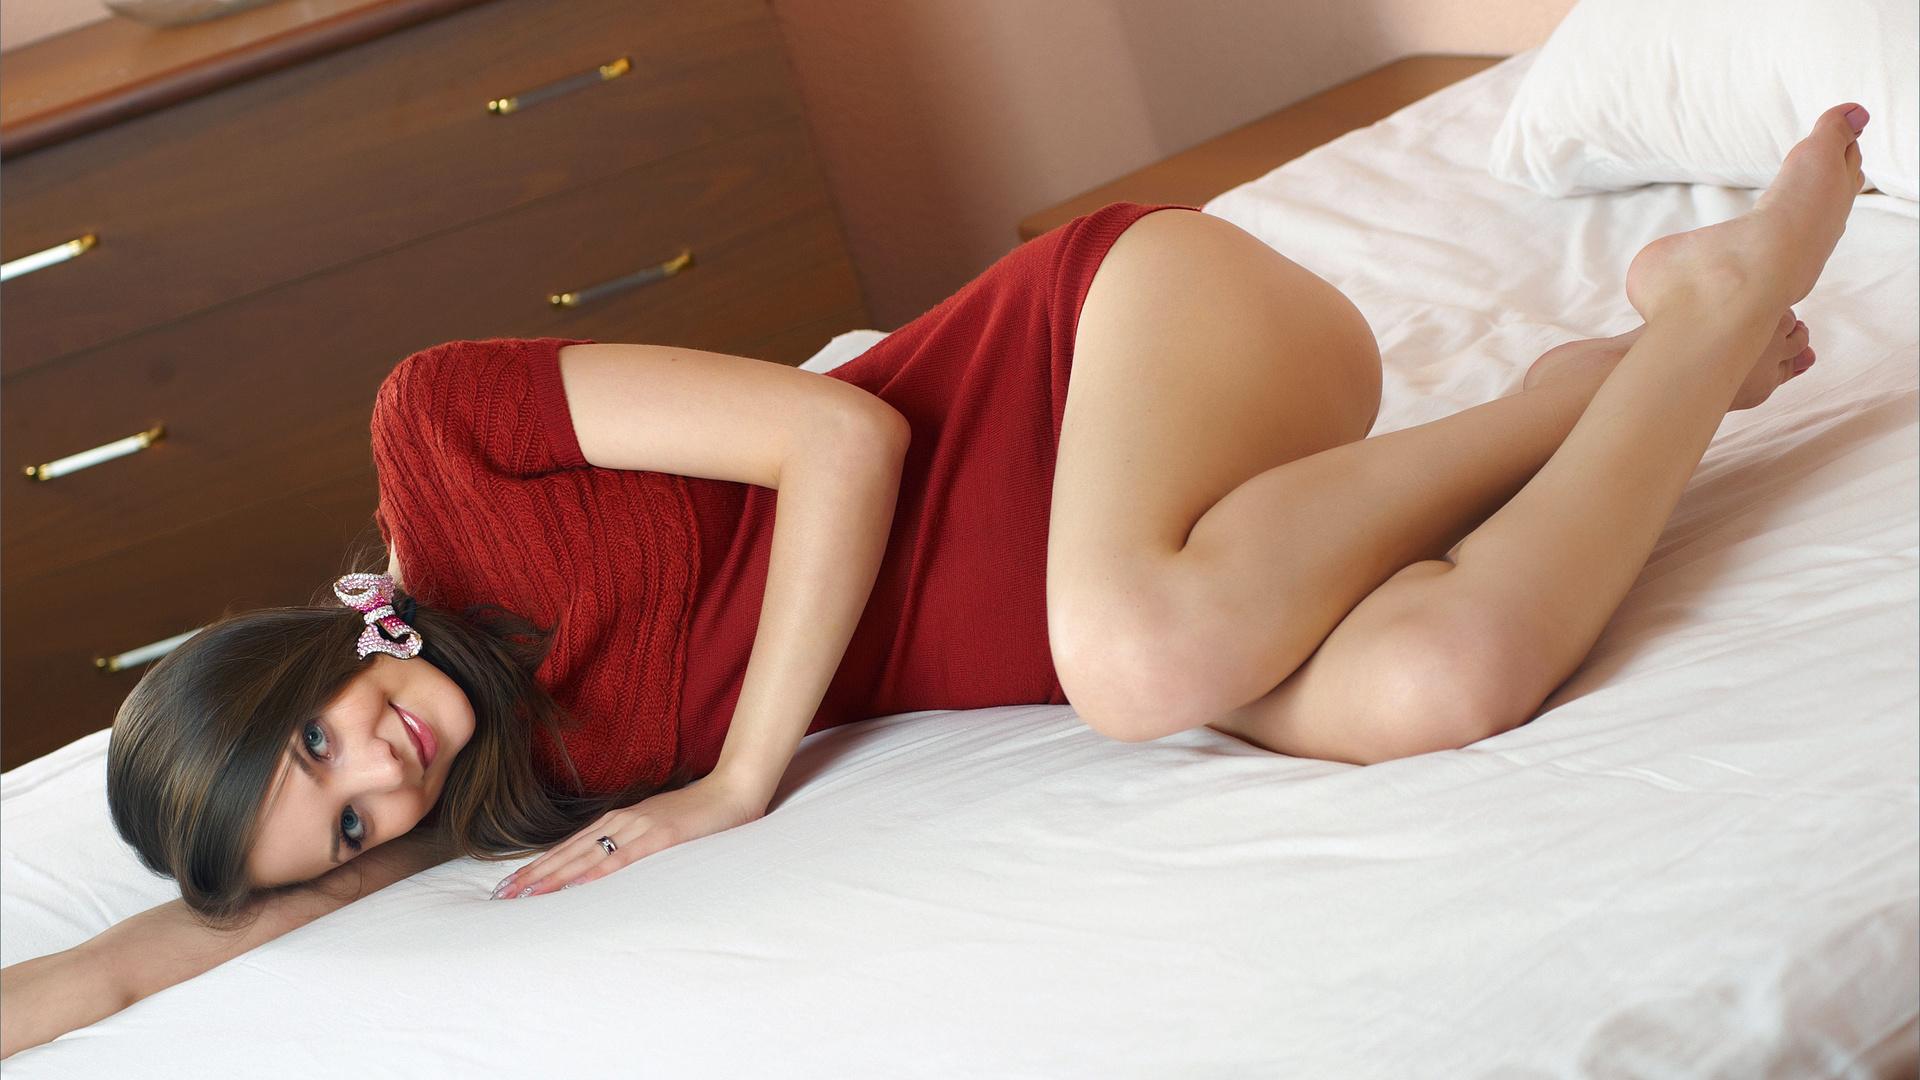 Русская ariel nastya, Nastya Ariel порно - HD видео для взрослых - SpankBang 27 фотография